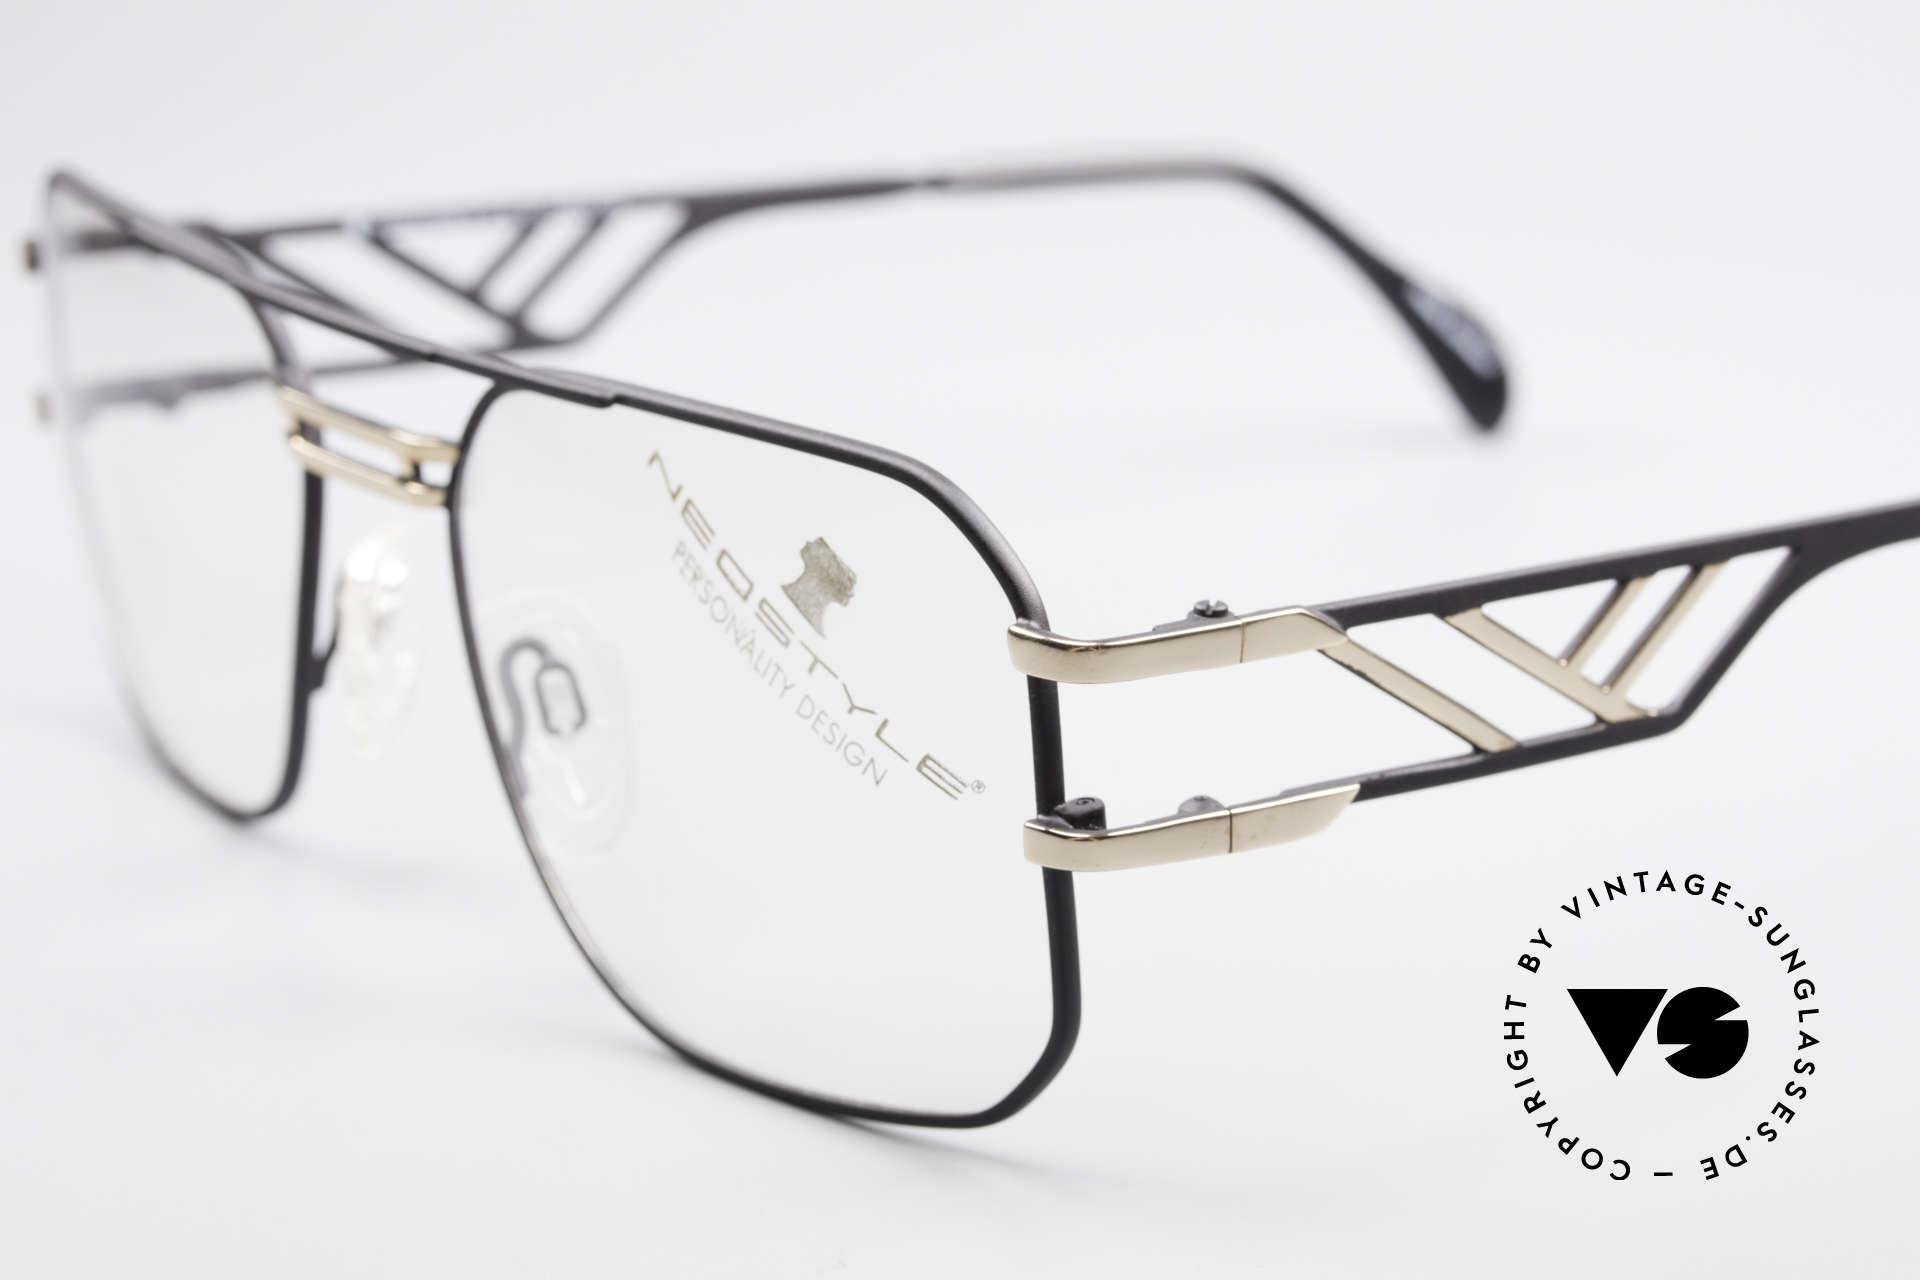 Neostyle Boutique 306 Champion Vintage Brille 80er, fühlbare TOP-Qualität (Champion Edition!), Passend für Herren